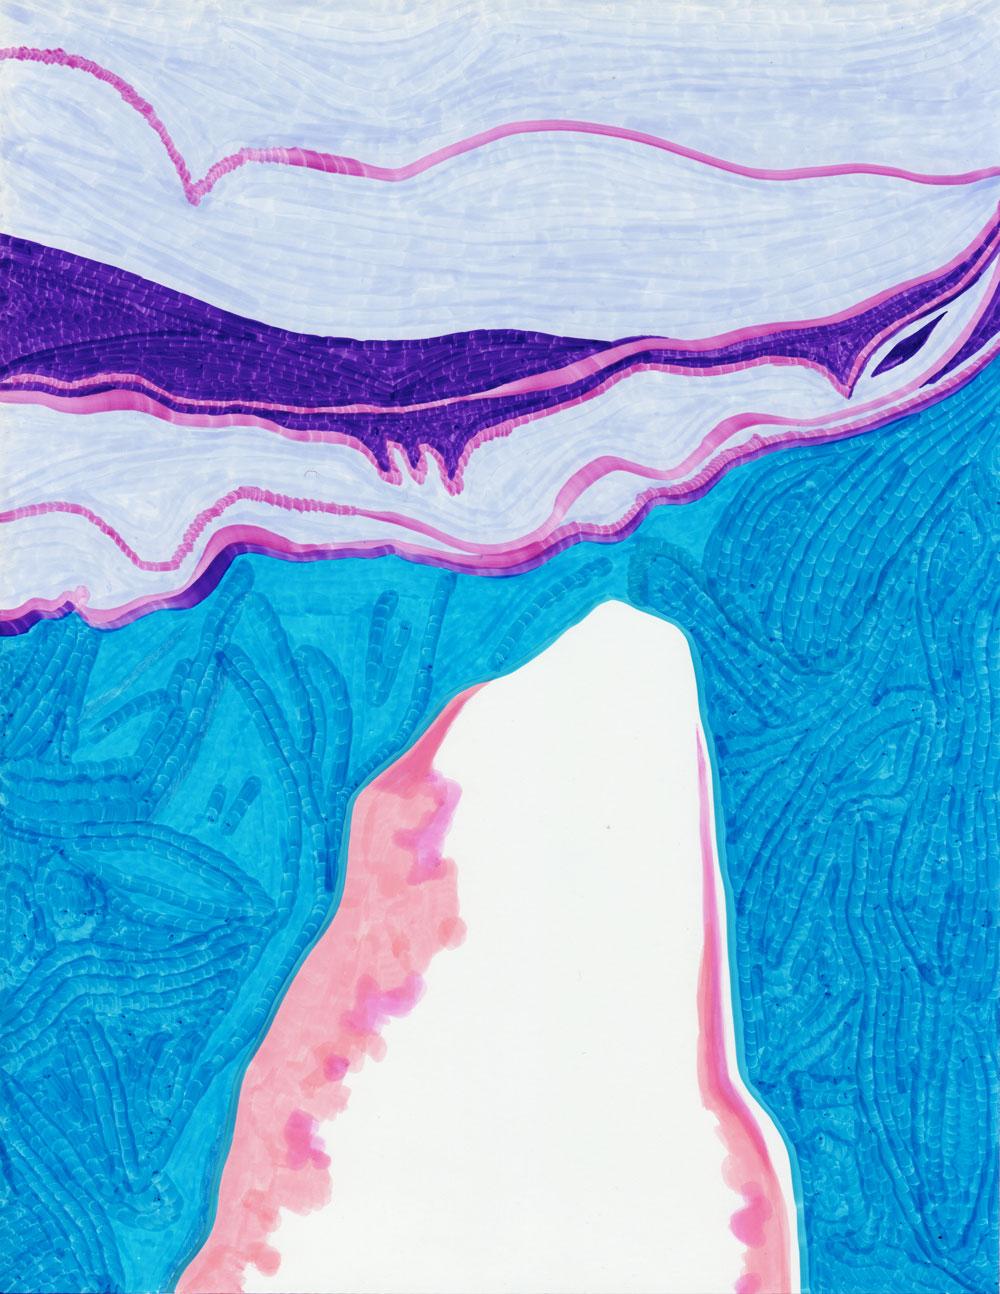 Minis désastres Sans-titre, 2017. Feutre sur papier. 21,6 x 27,9 cm